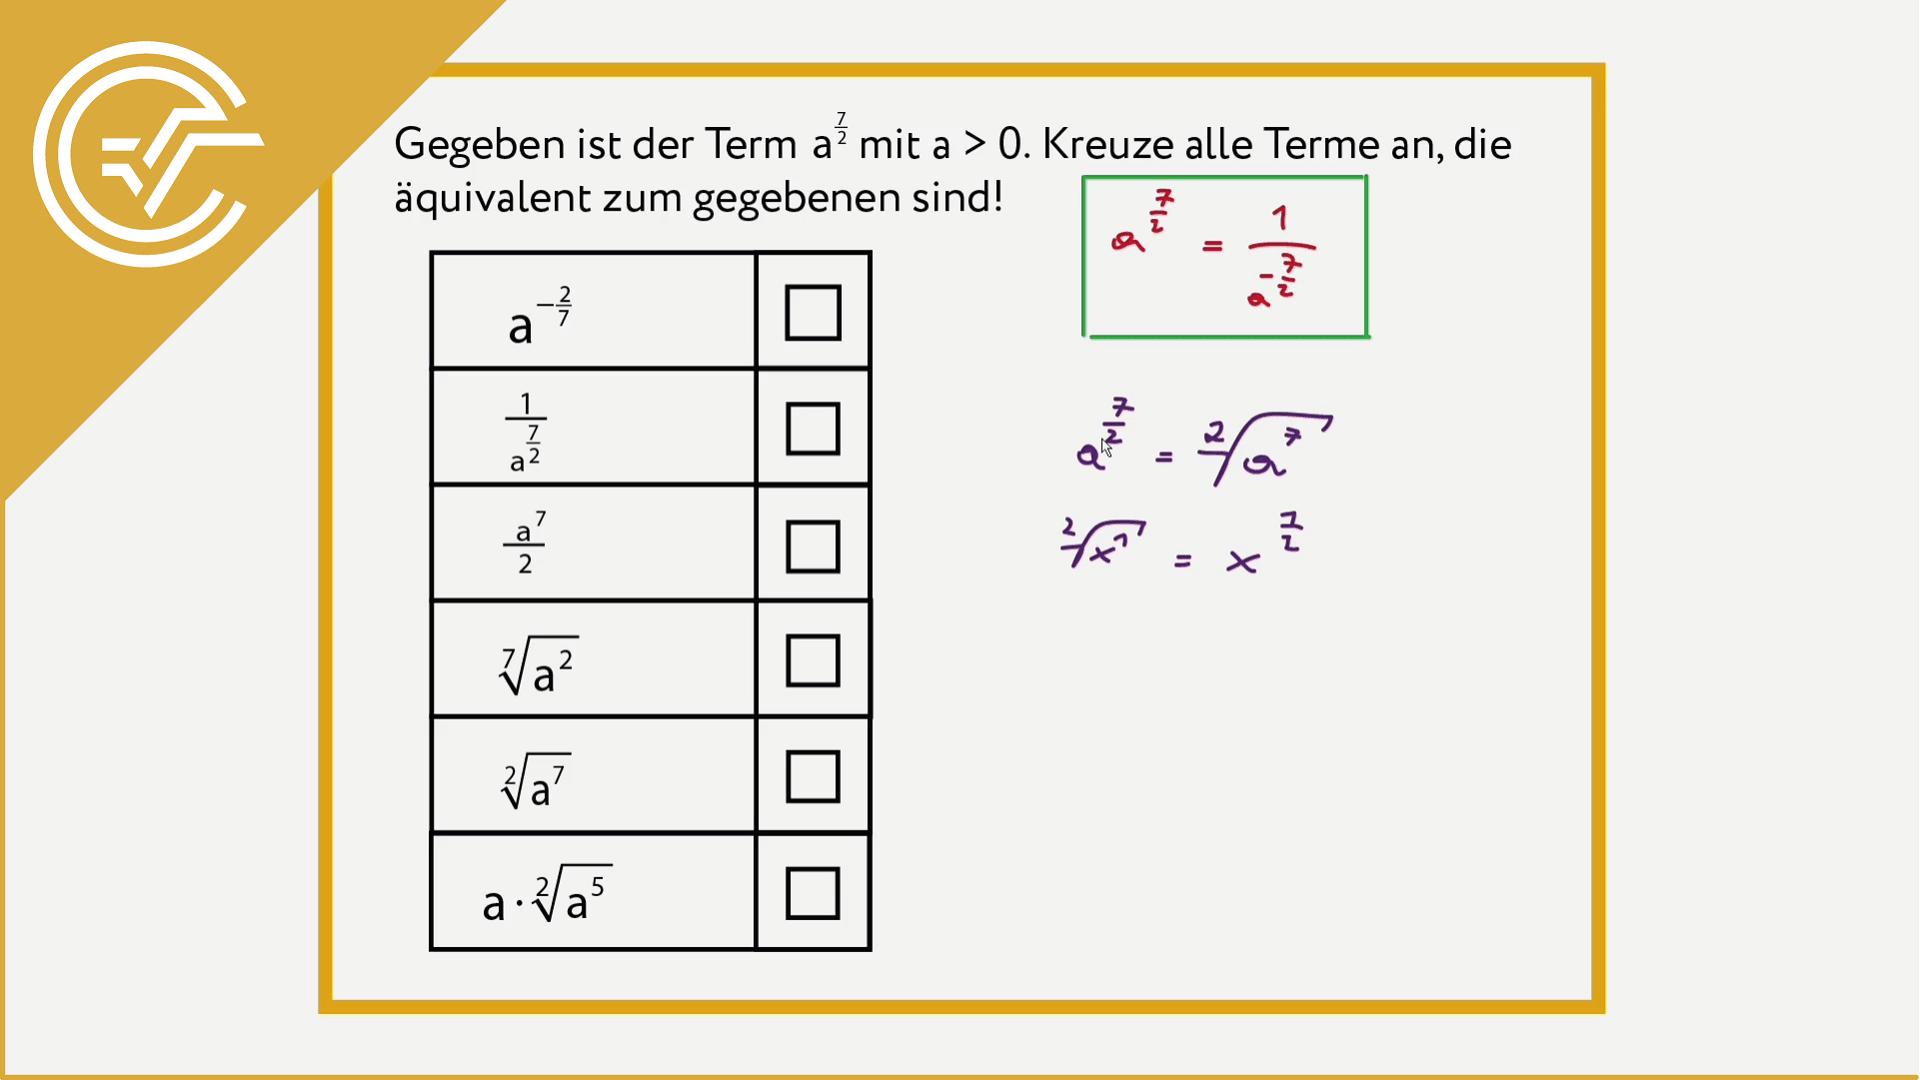 AG 1.2 - Äquivalenz 2